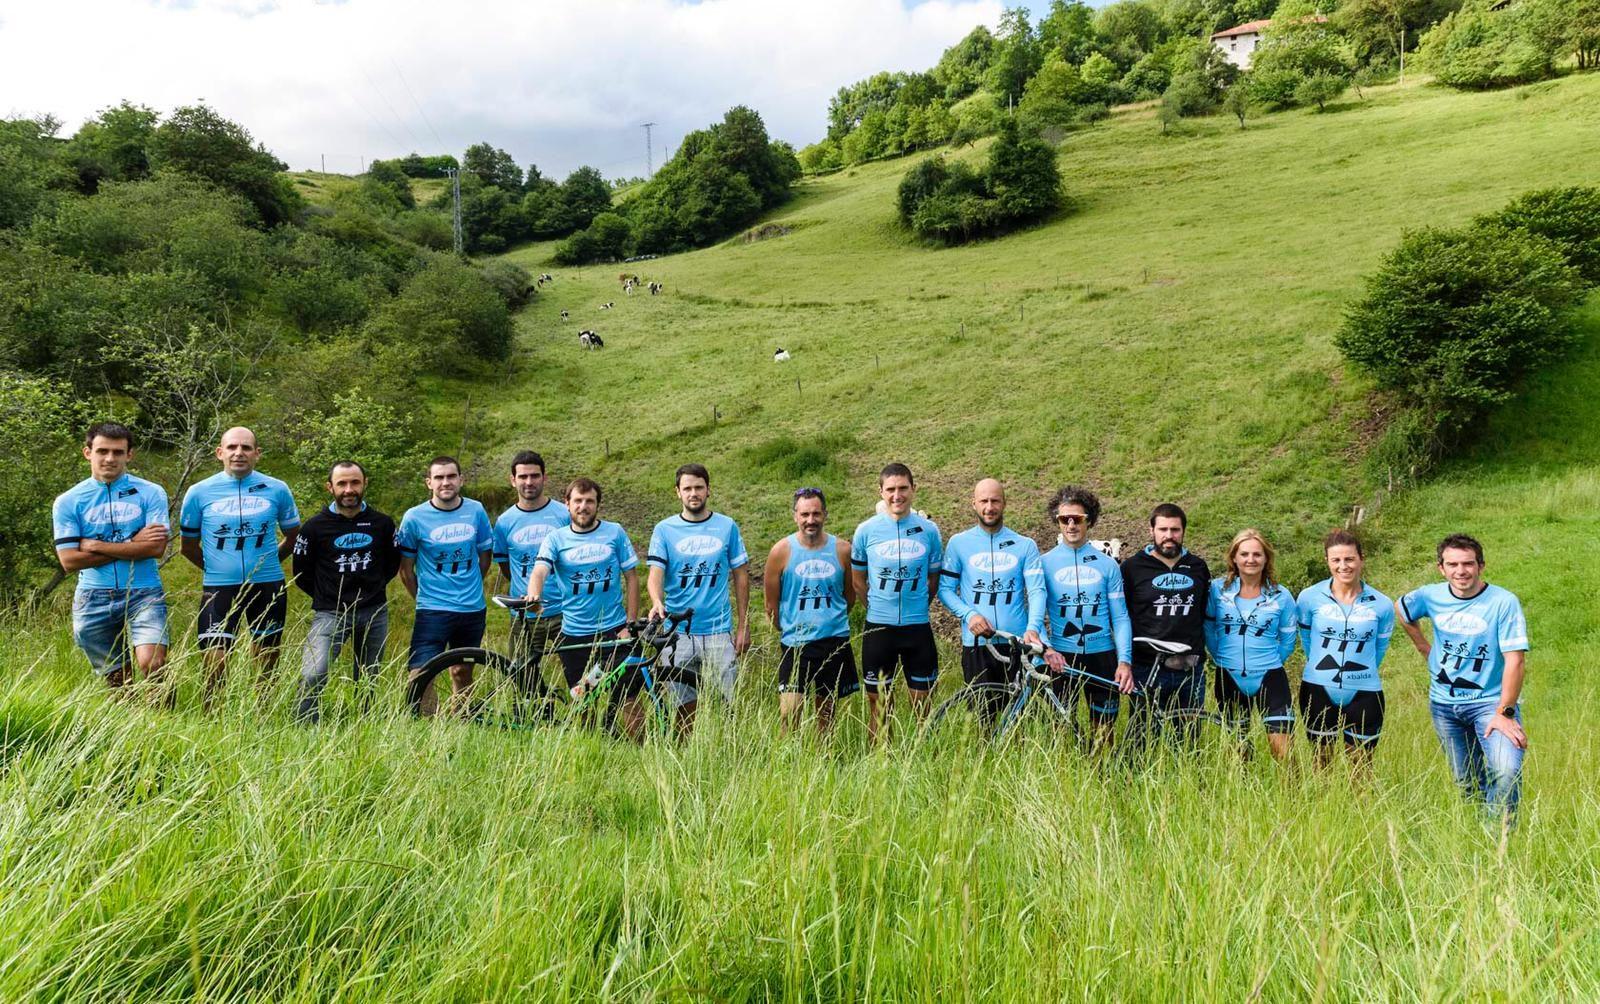 Mahala, Tolosaldeko triatloi taldearen bidelagun